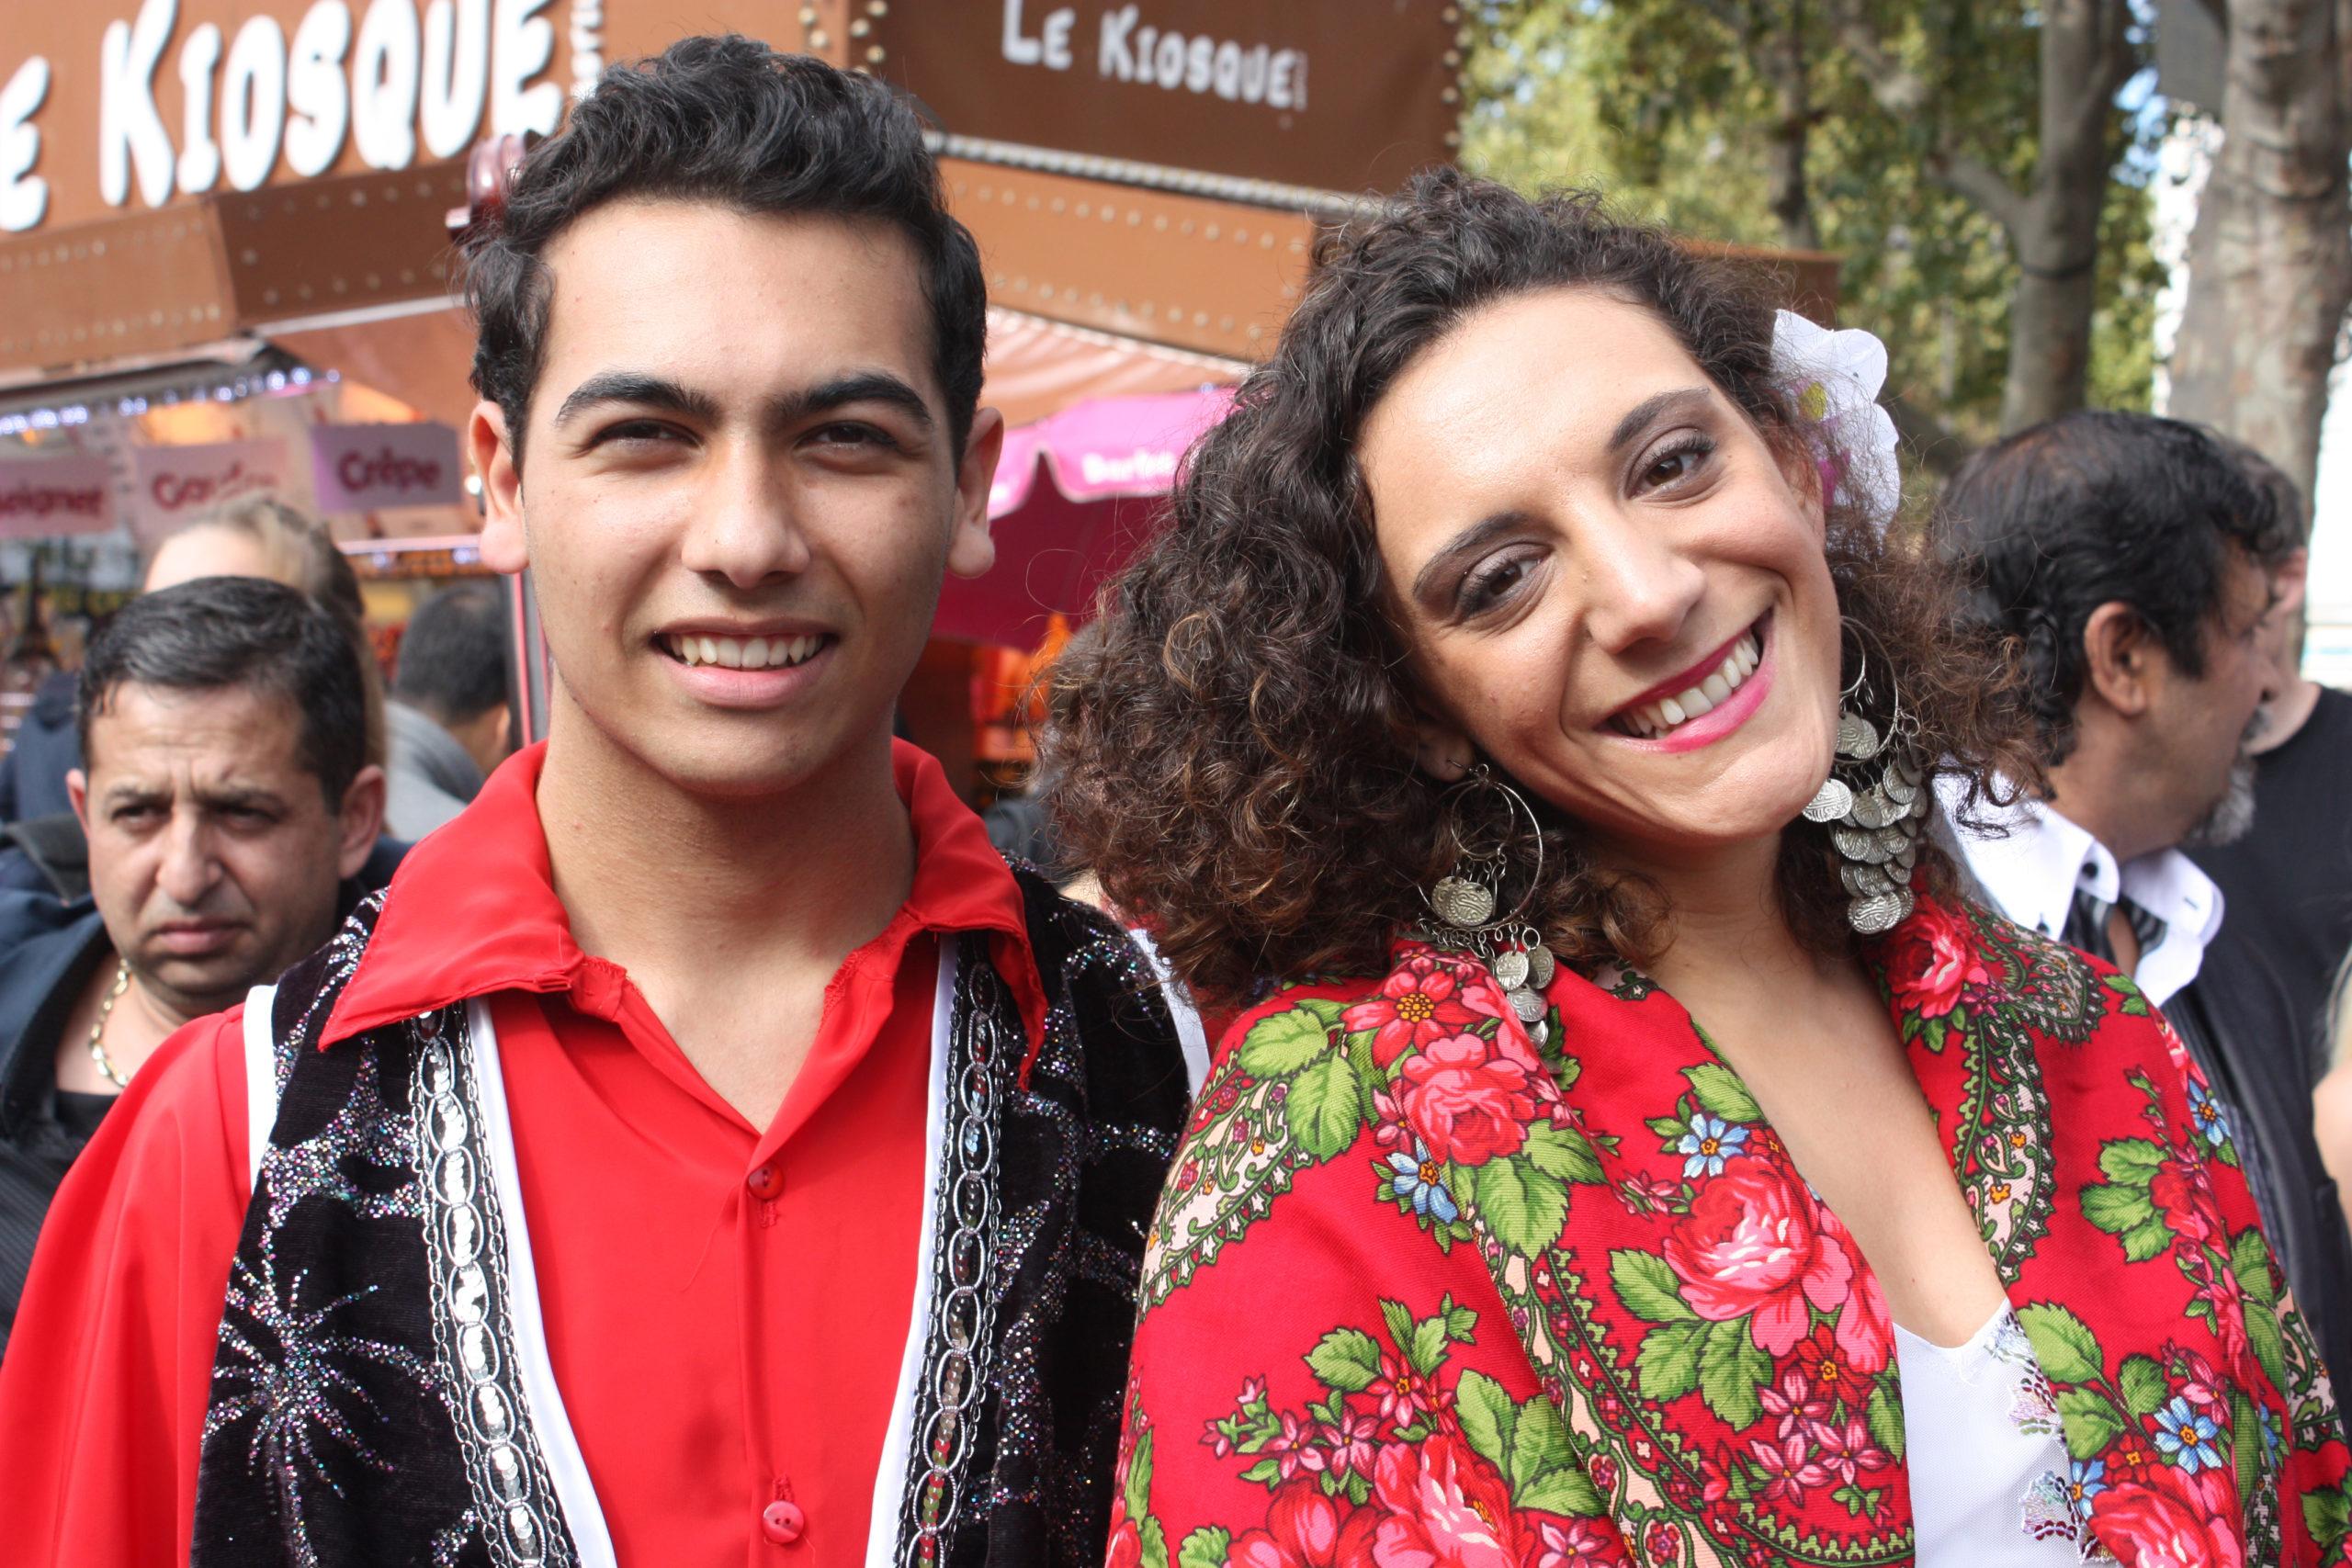 Pariisissa vietettiin syksyllä kolmatta Roma-Pride tapahtumaa. EU-Komission mukaan erityisesti romaninuorten ja -lasten asemaa on kiireellisesti parannettava.